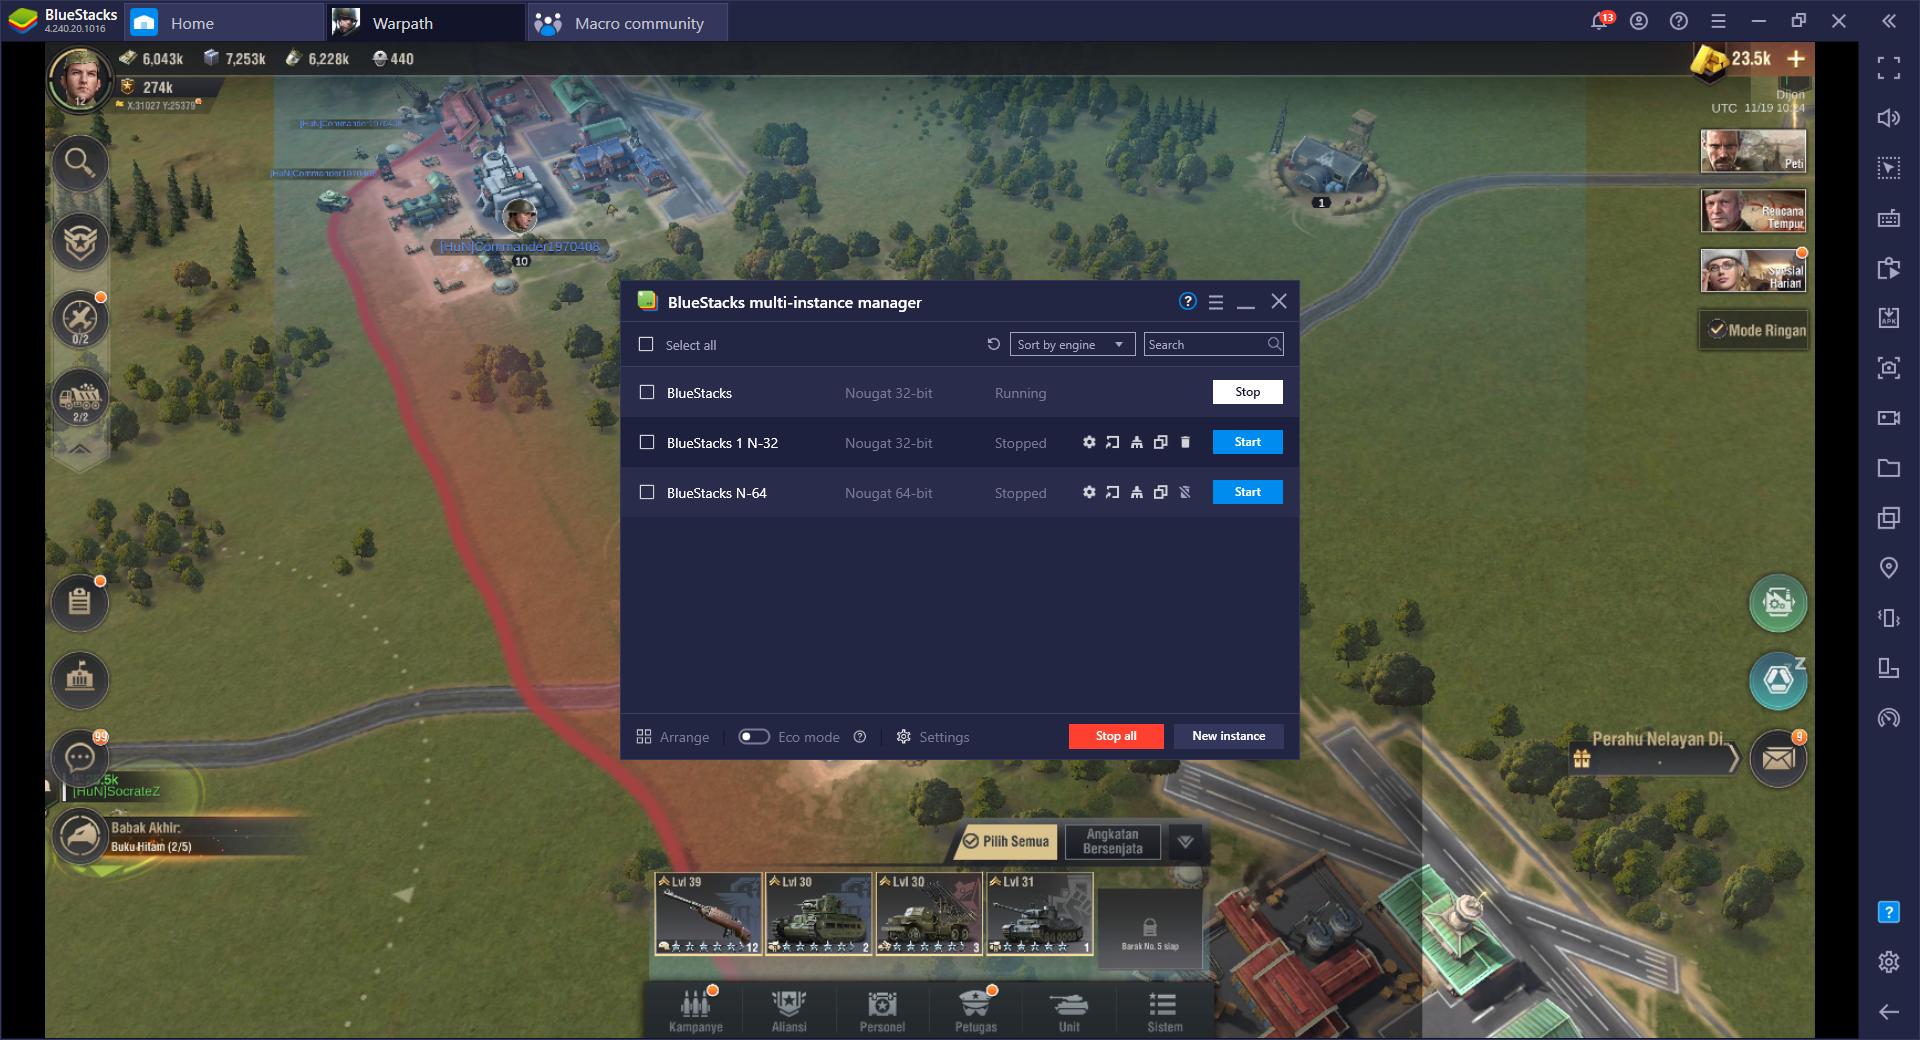 Warpath di PC – Cara Menggunakan Fitur BlueStacks untuk Menghancurkan Musuh